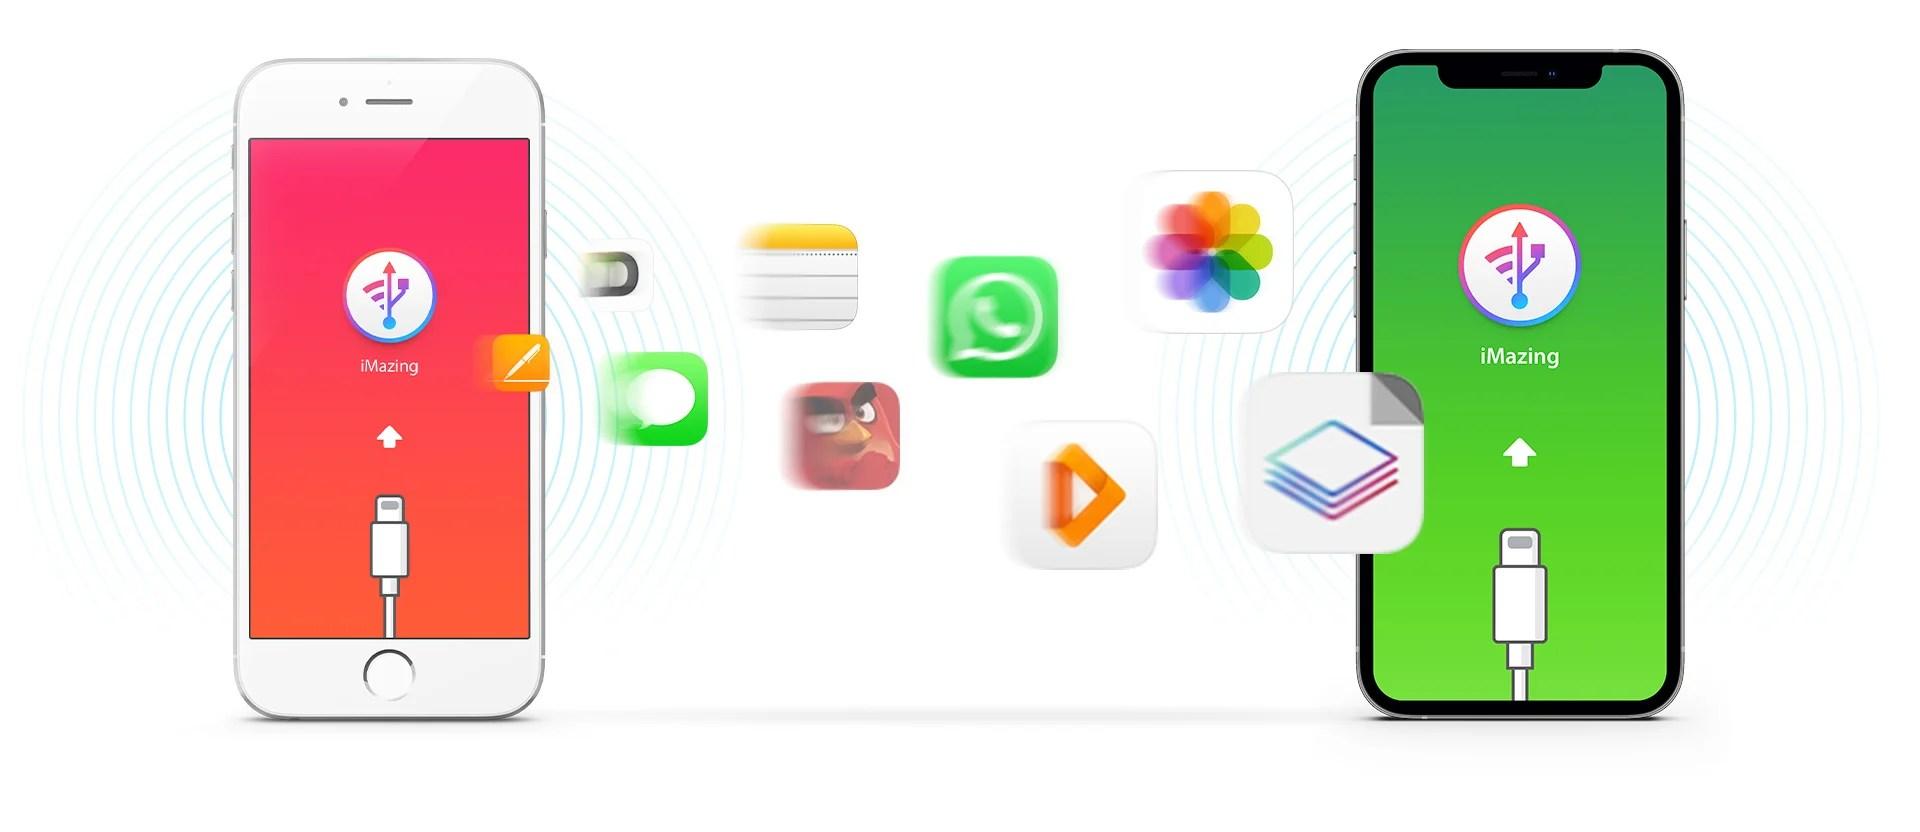 iMazing 2.8.0 Mac 破解版 - 优秀的iOS设备管理工具